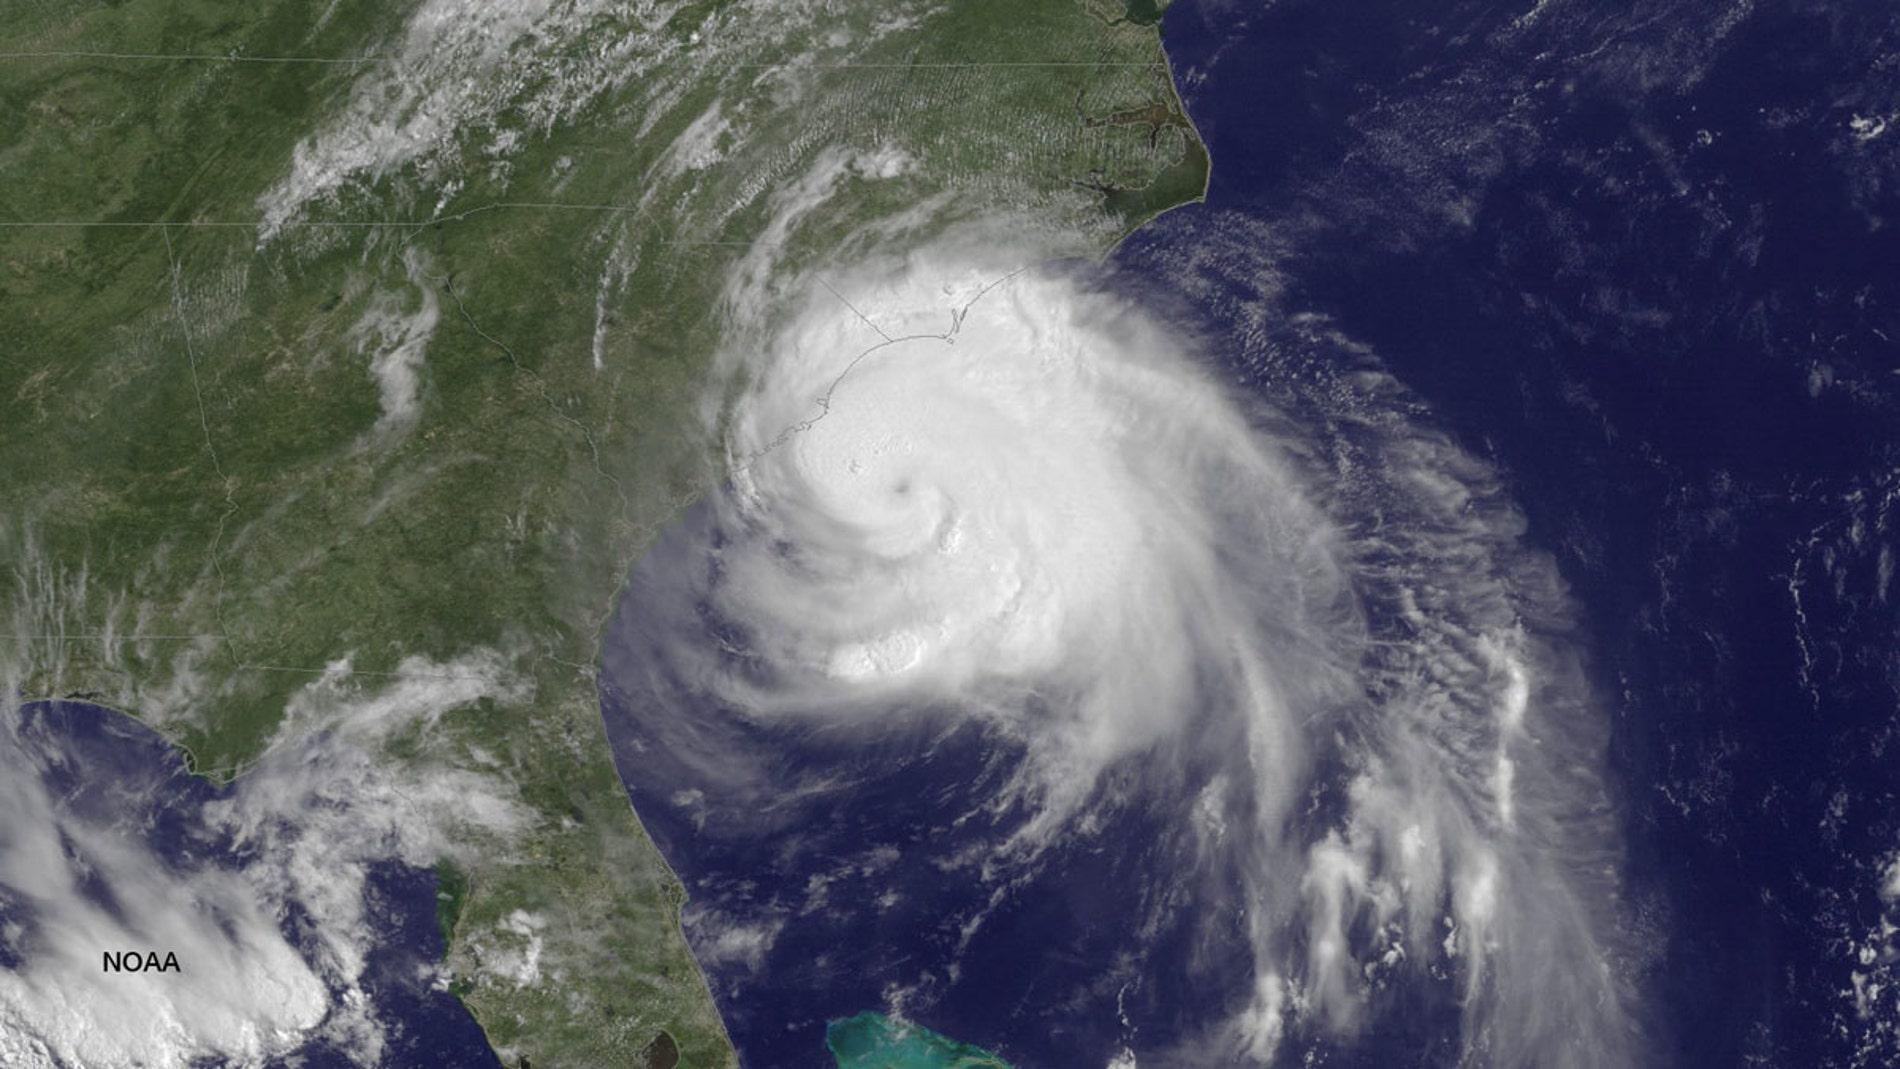 El huracán 'Arthur' toca tierra en EEUU